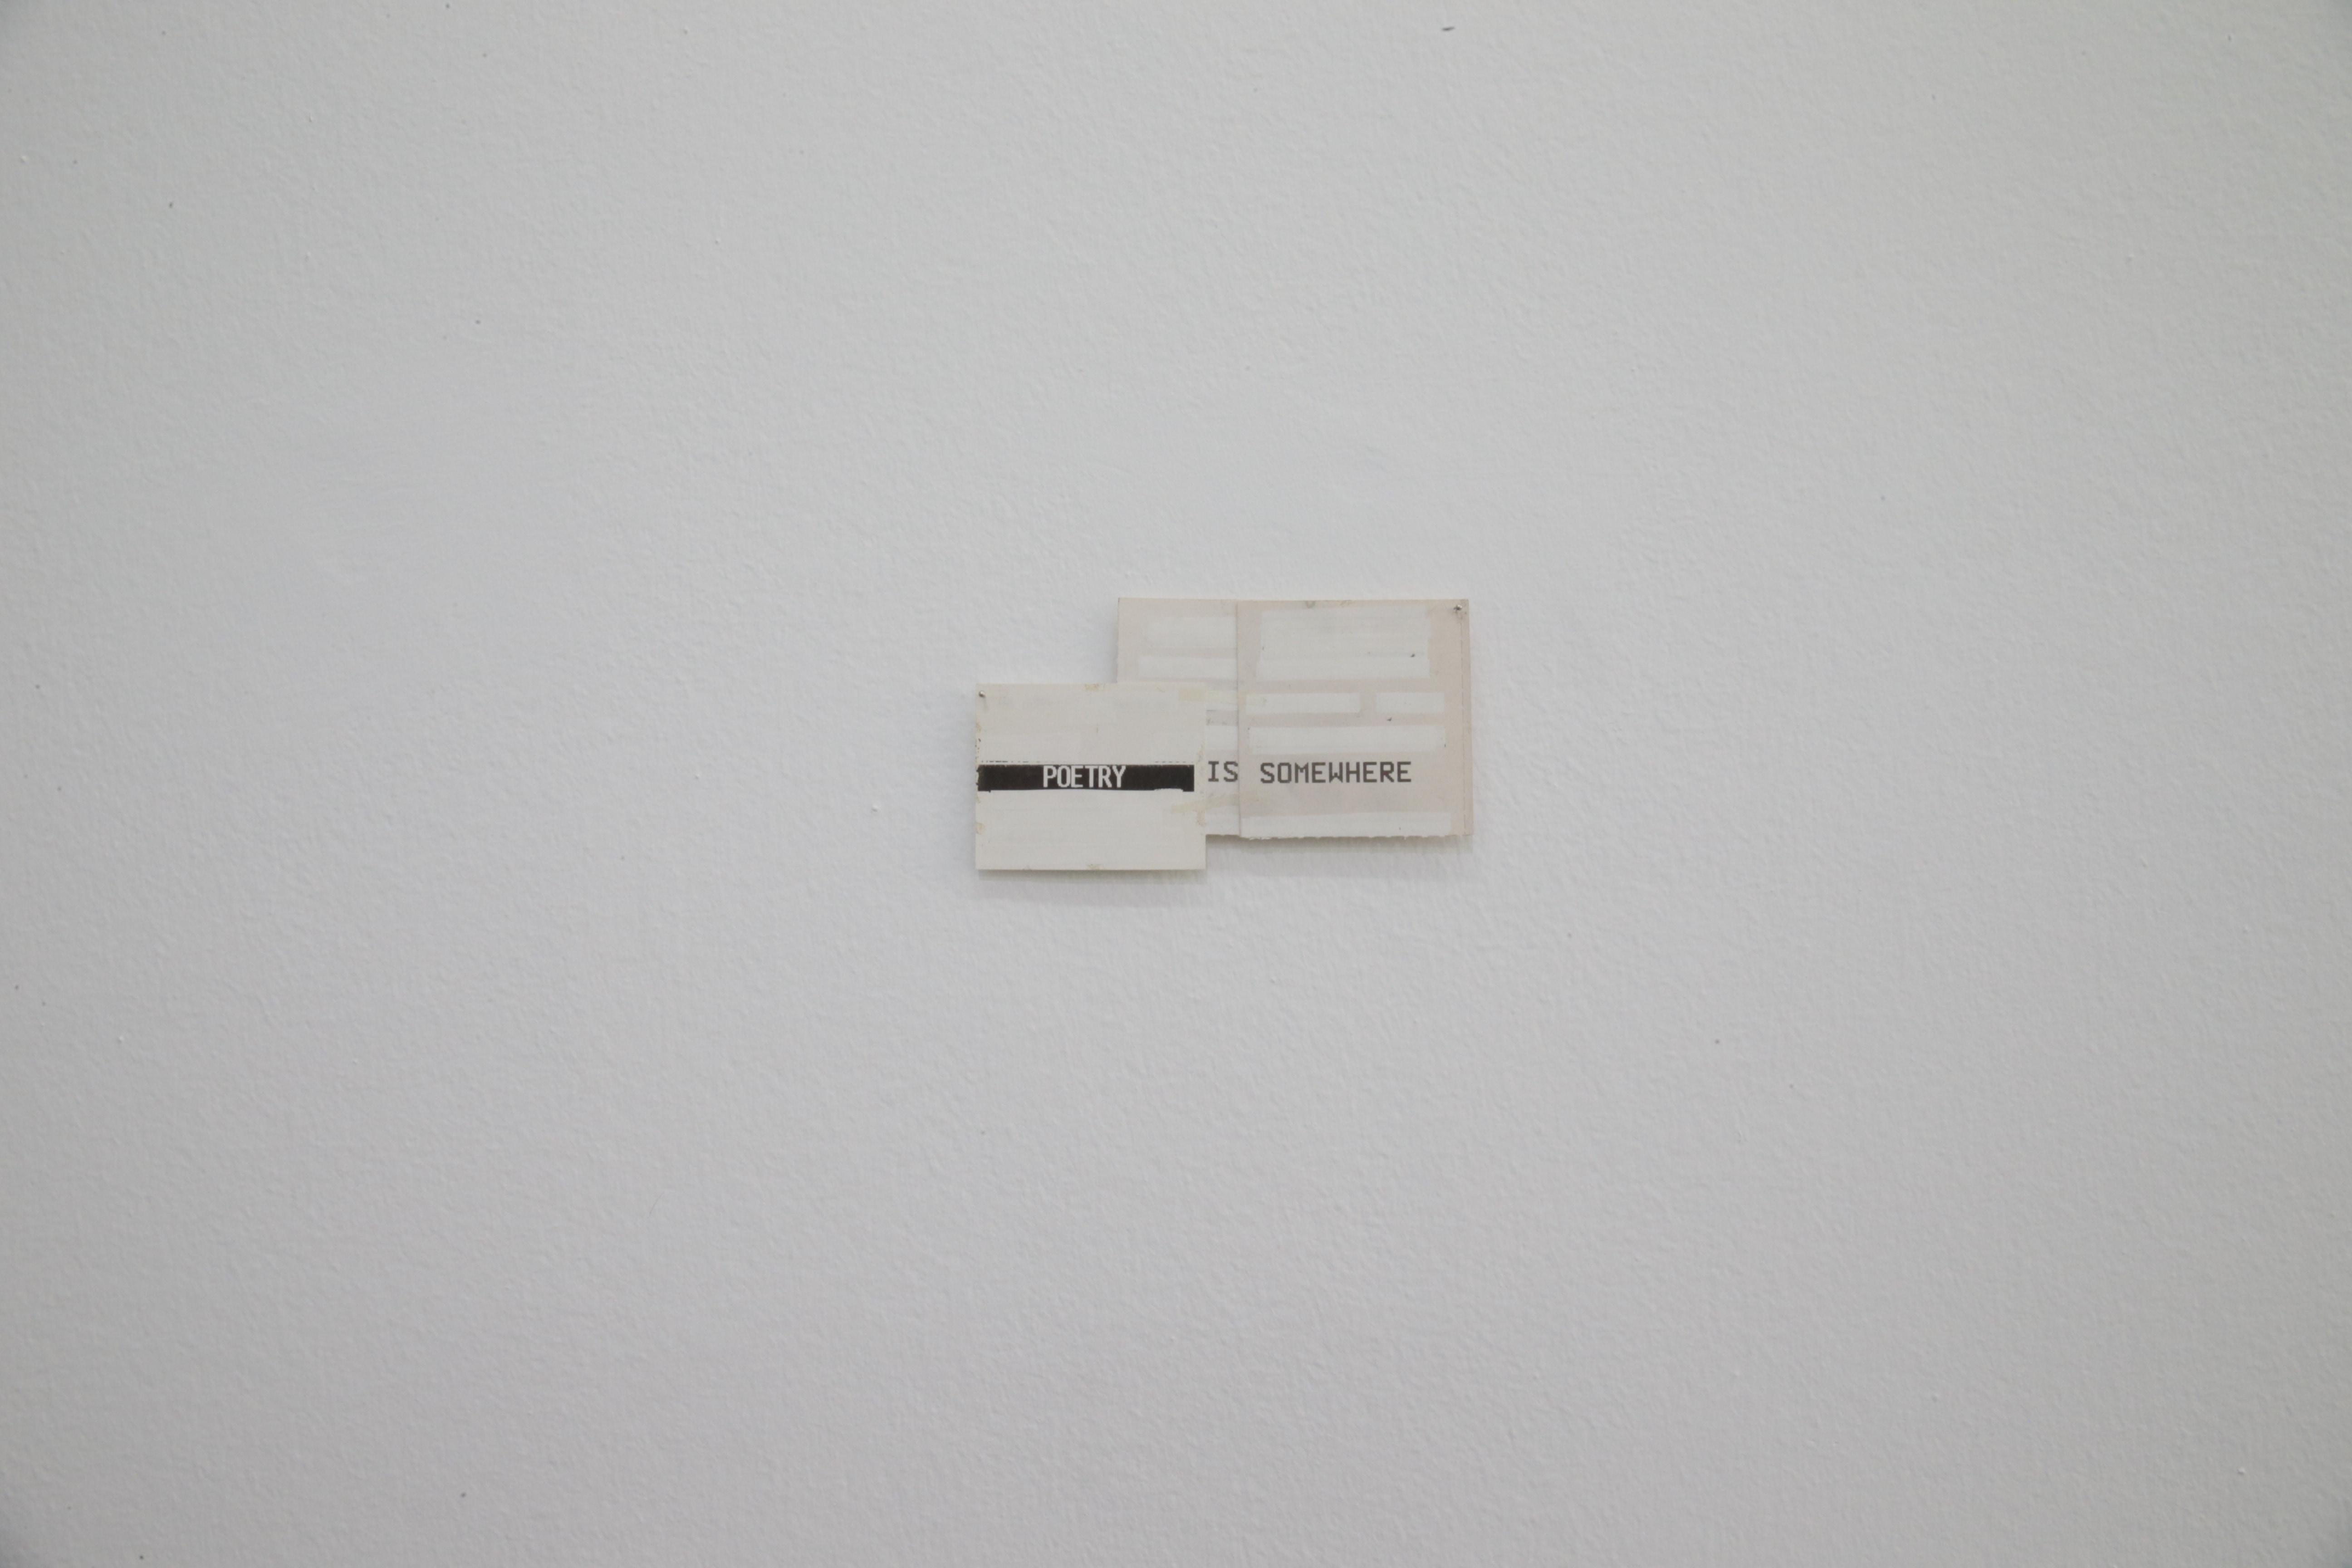 Florian Cochet - Cinema - Corrector fluid on cinema tickets, pins, 5 x 6 cm, 2011